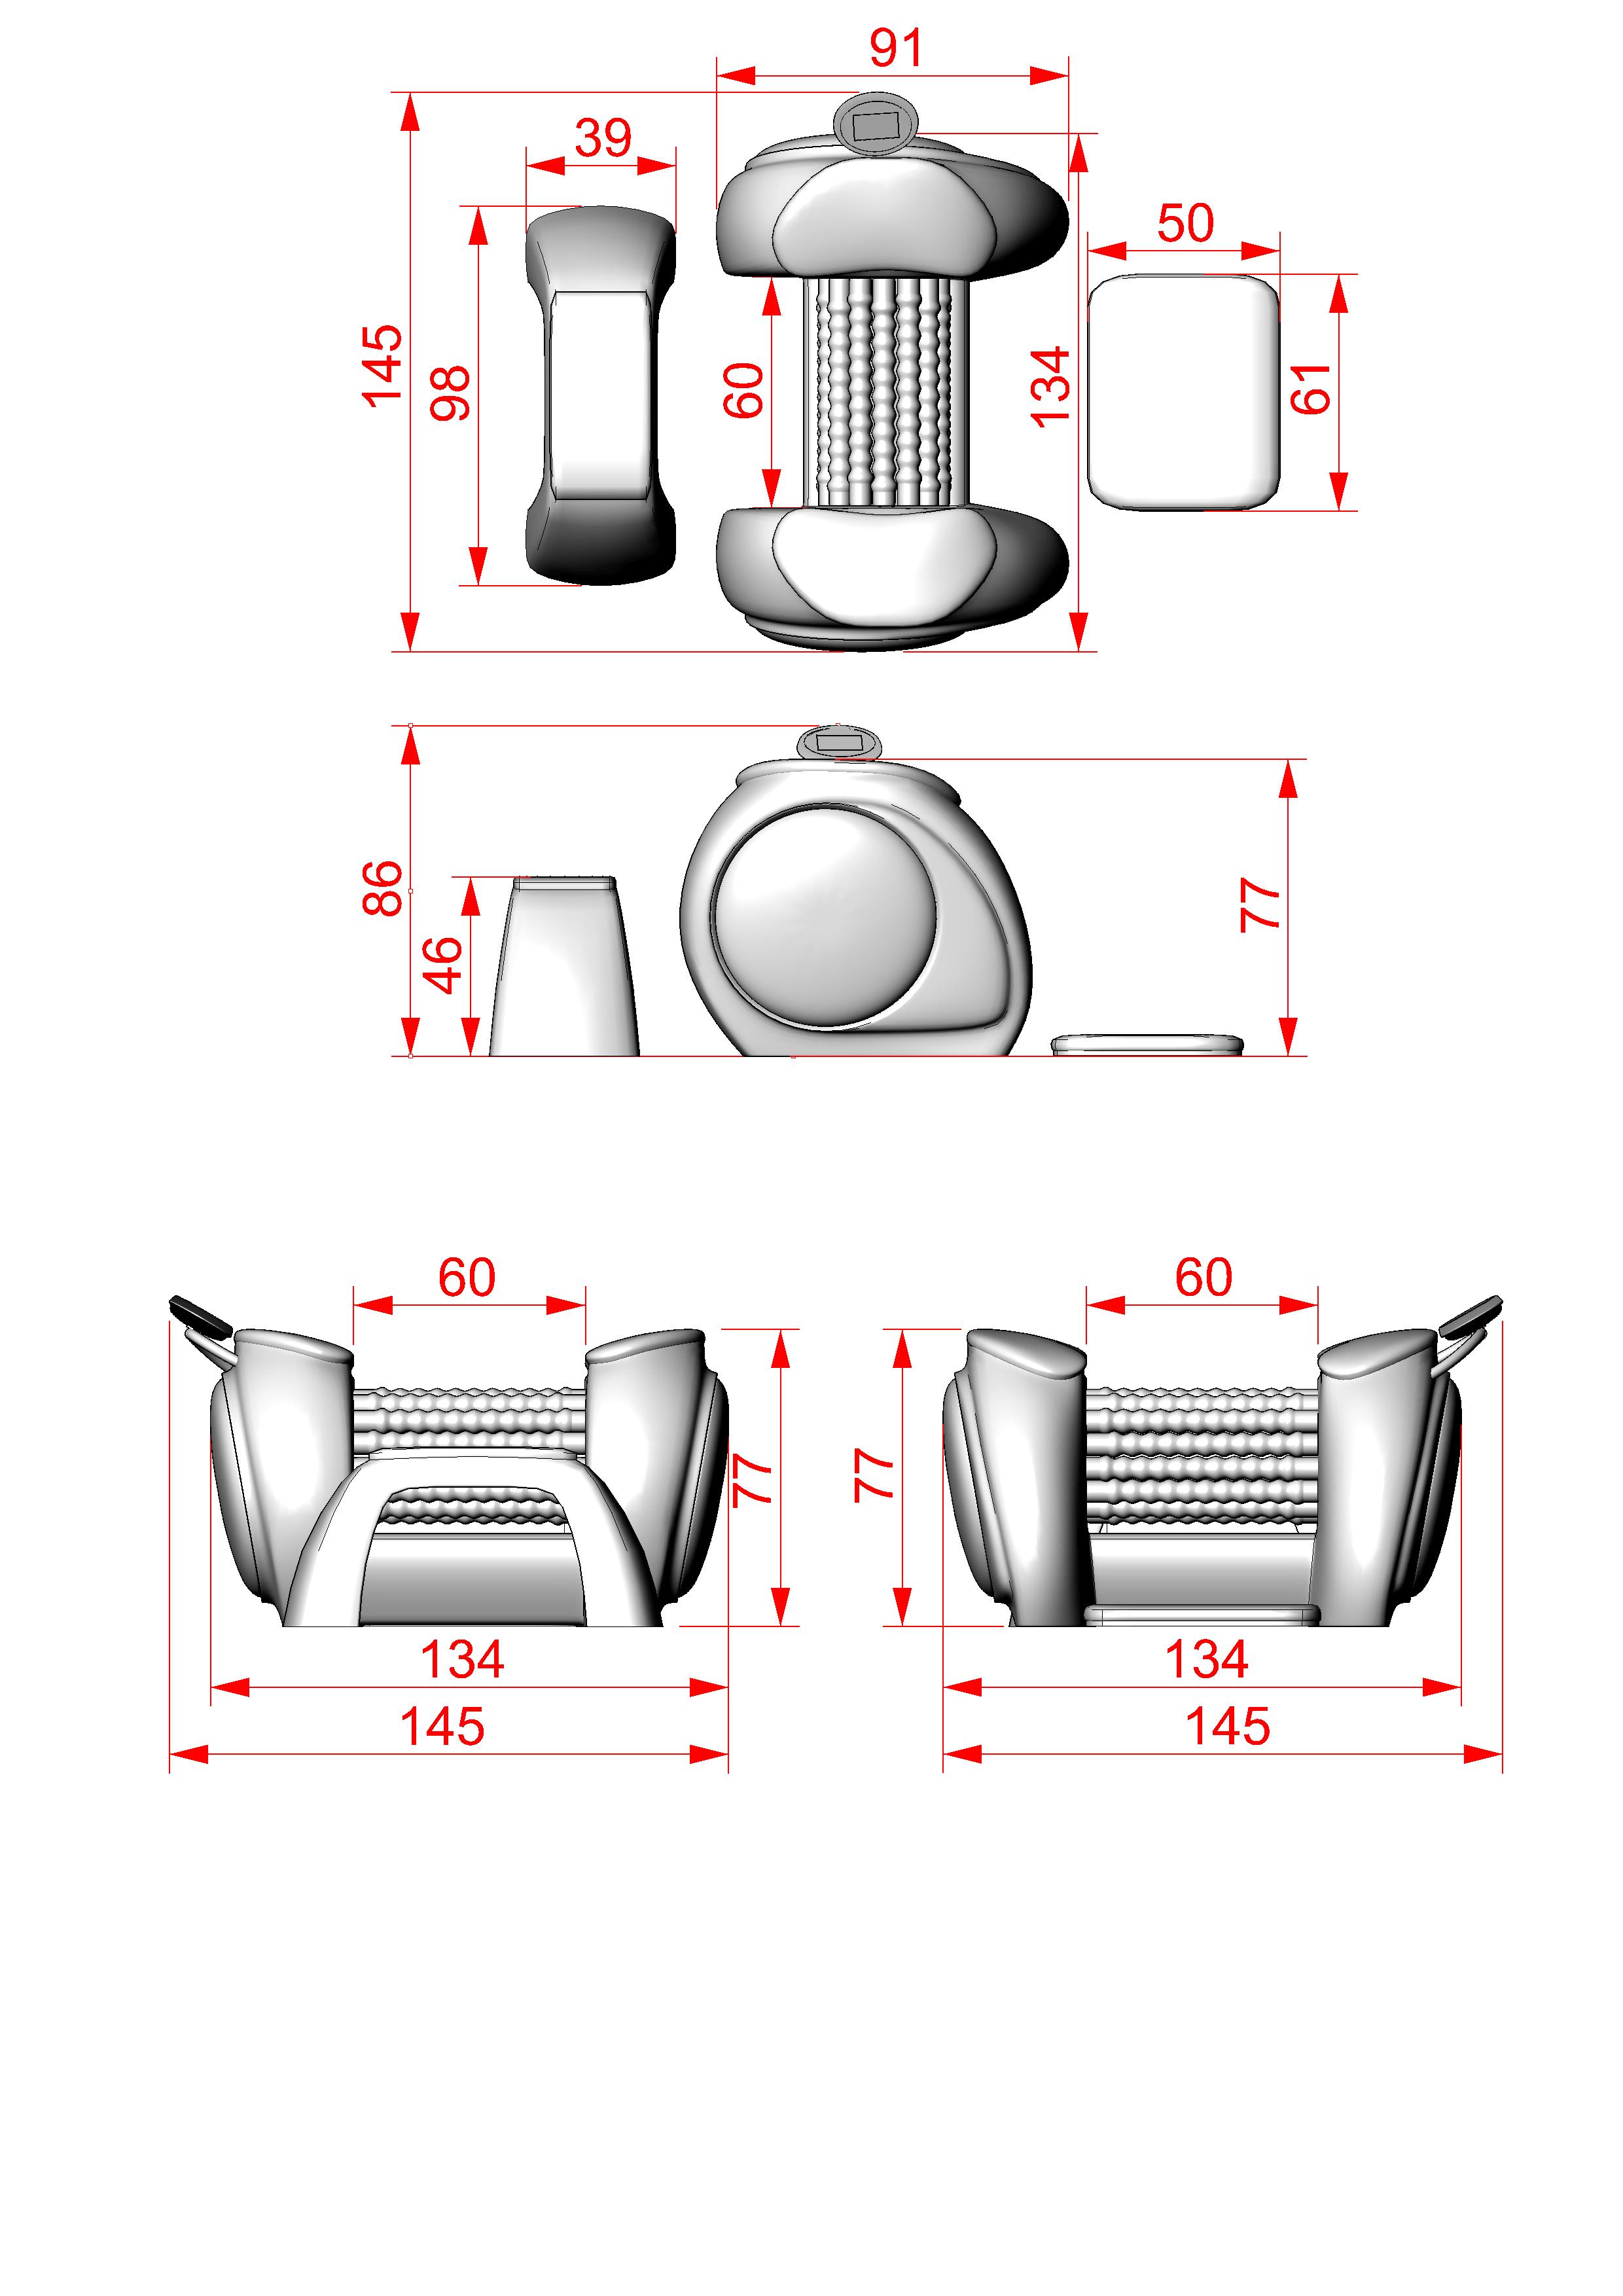 rollShape_001 (1)